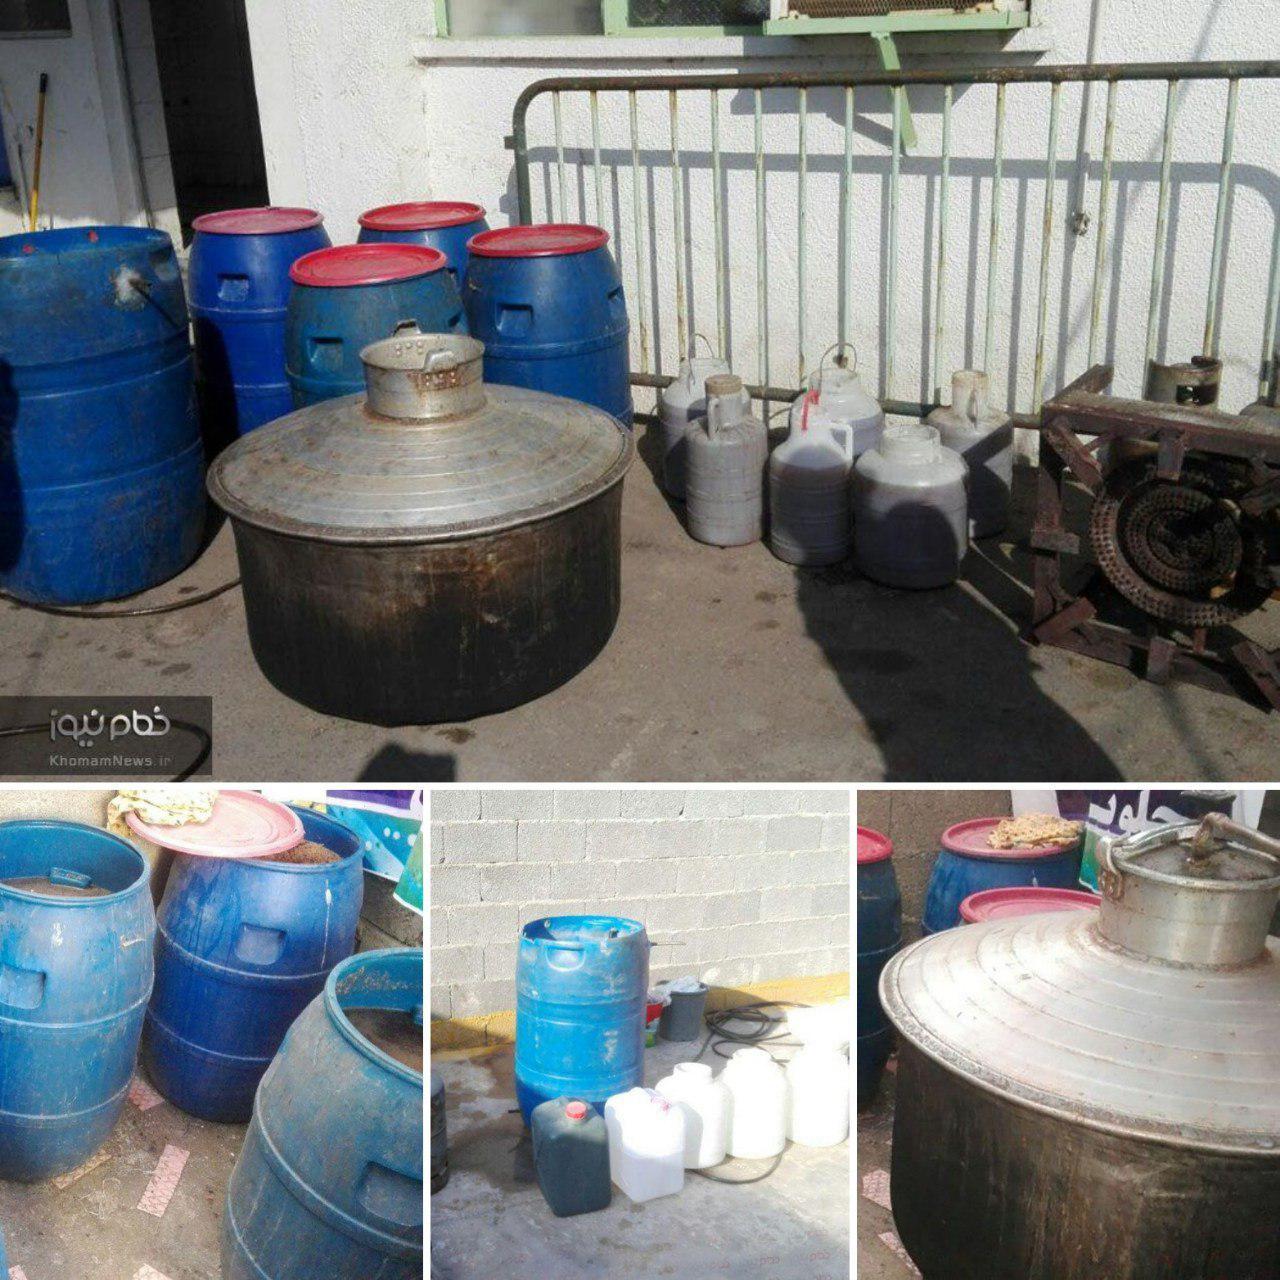 ۱,۴۰۰ لیتر مشروبات الکلی در یک کارگاه خانگی کشف و ضبط شد